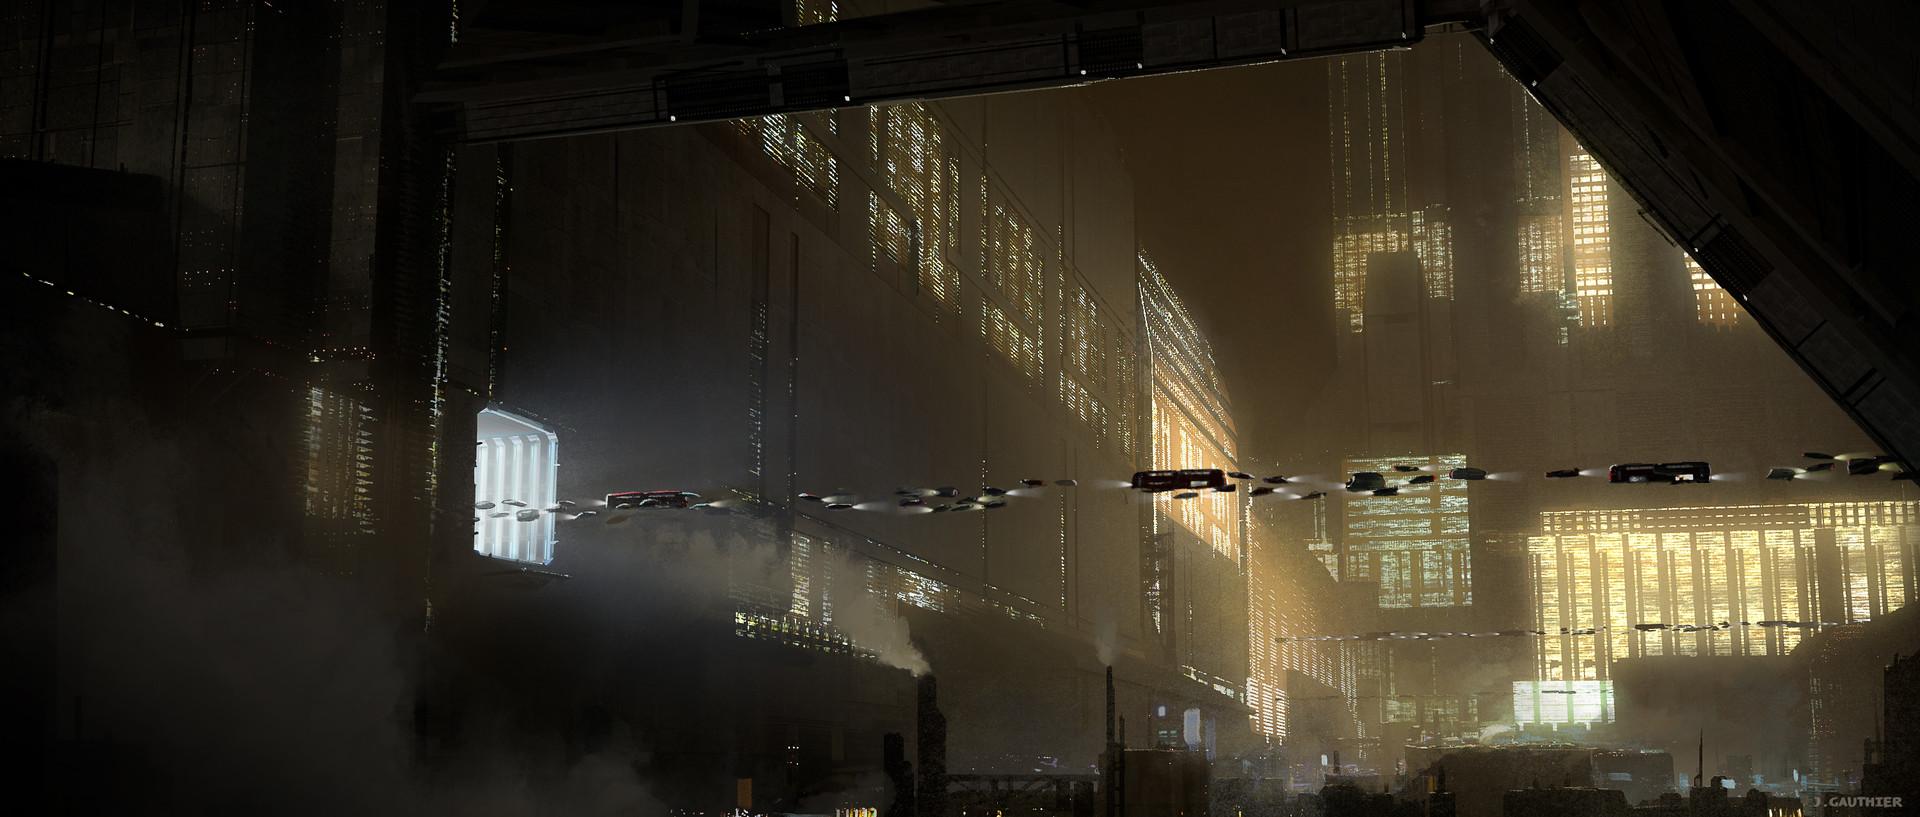 Julien gauthier scifi city 04